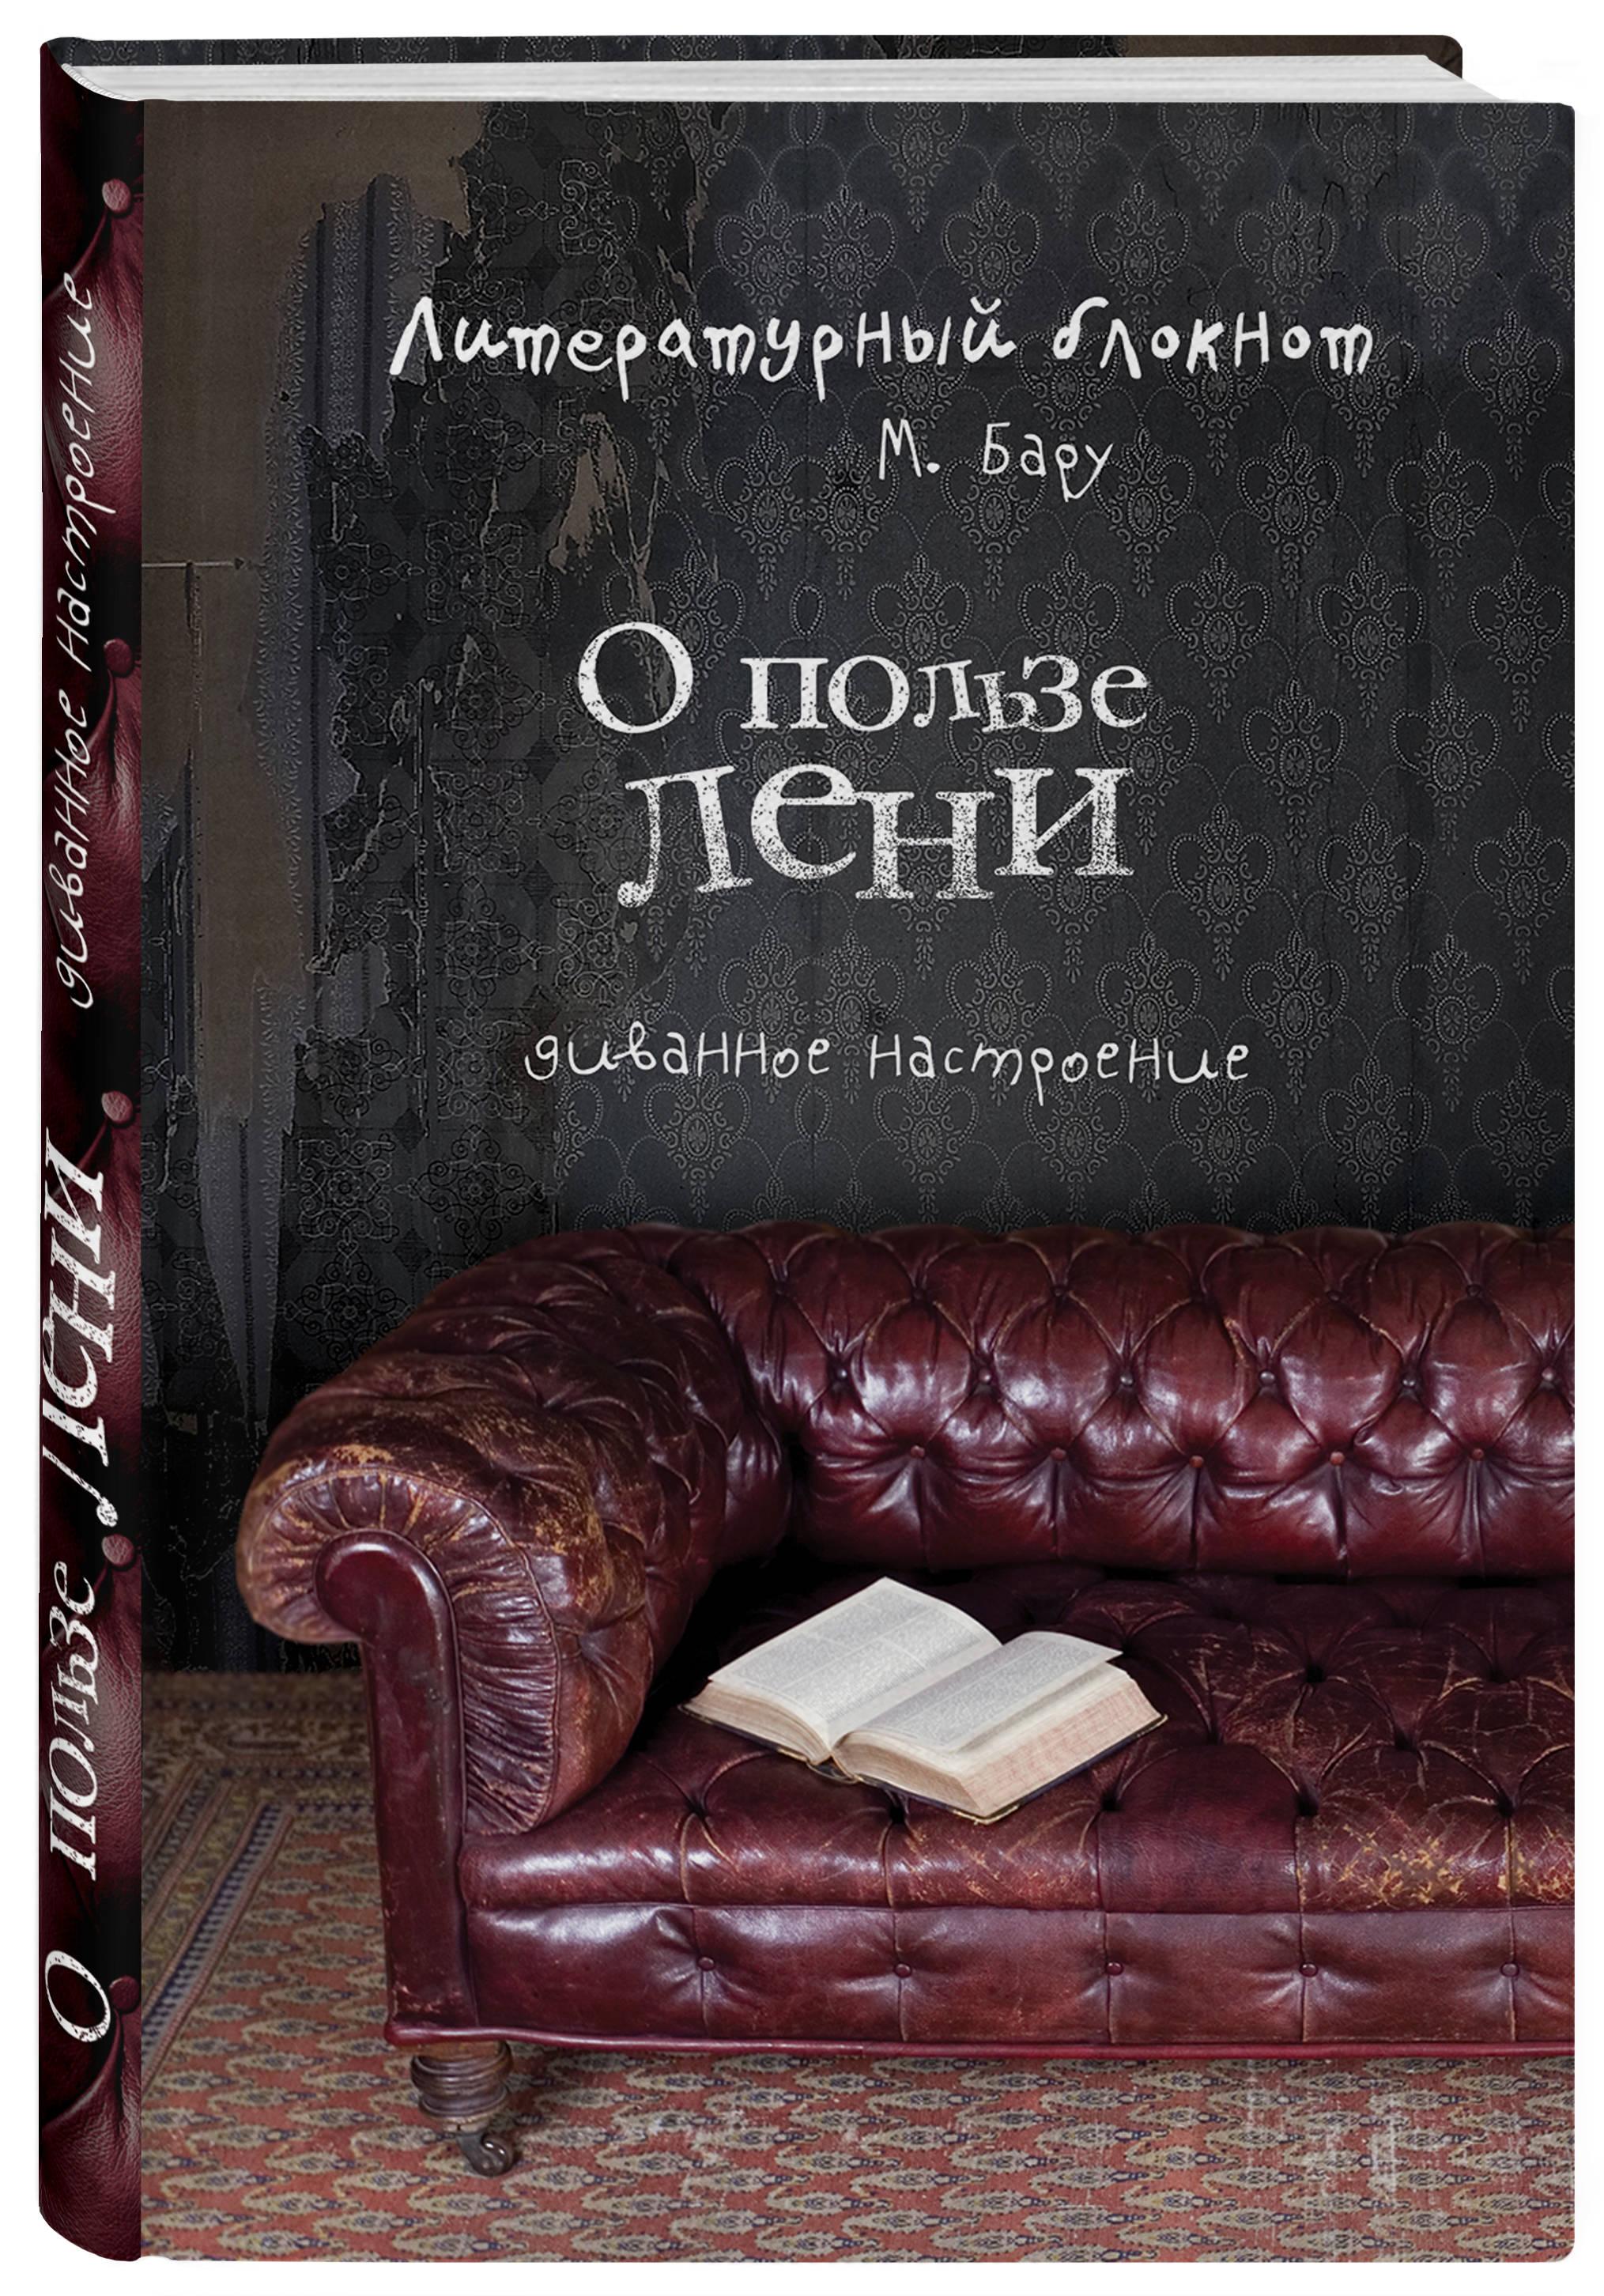 Литературный блокнот. О пользе лени (диванное настроение) ( Михаил Бару  )